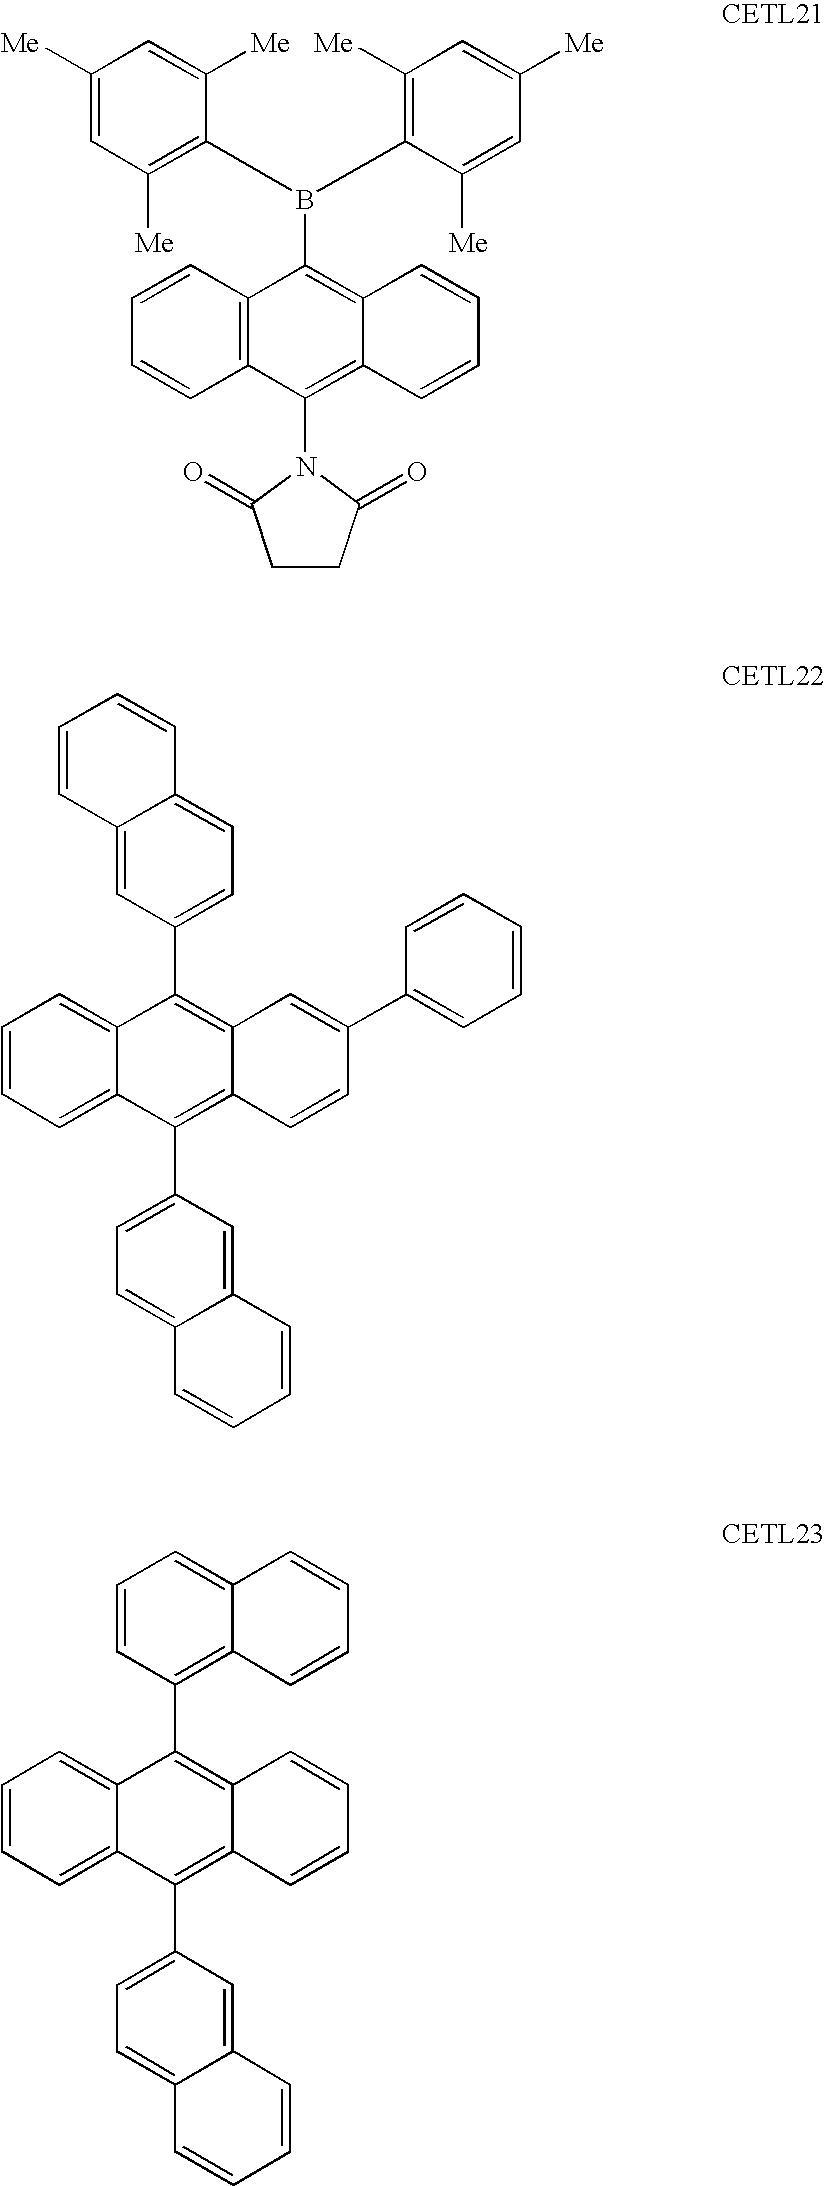 Figure US20090162612A1-20090625-C00018